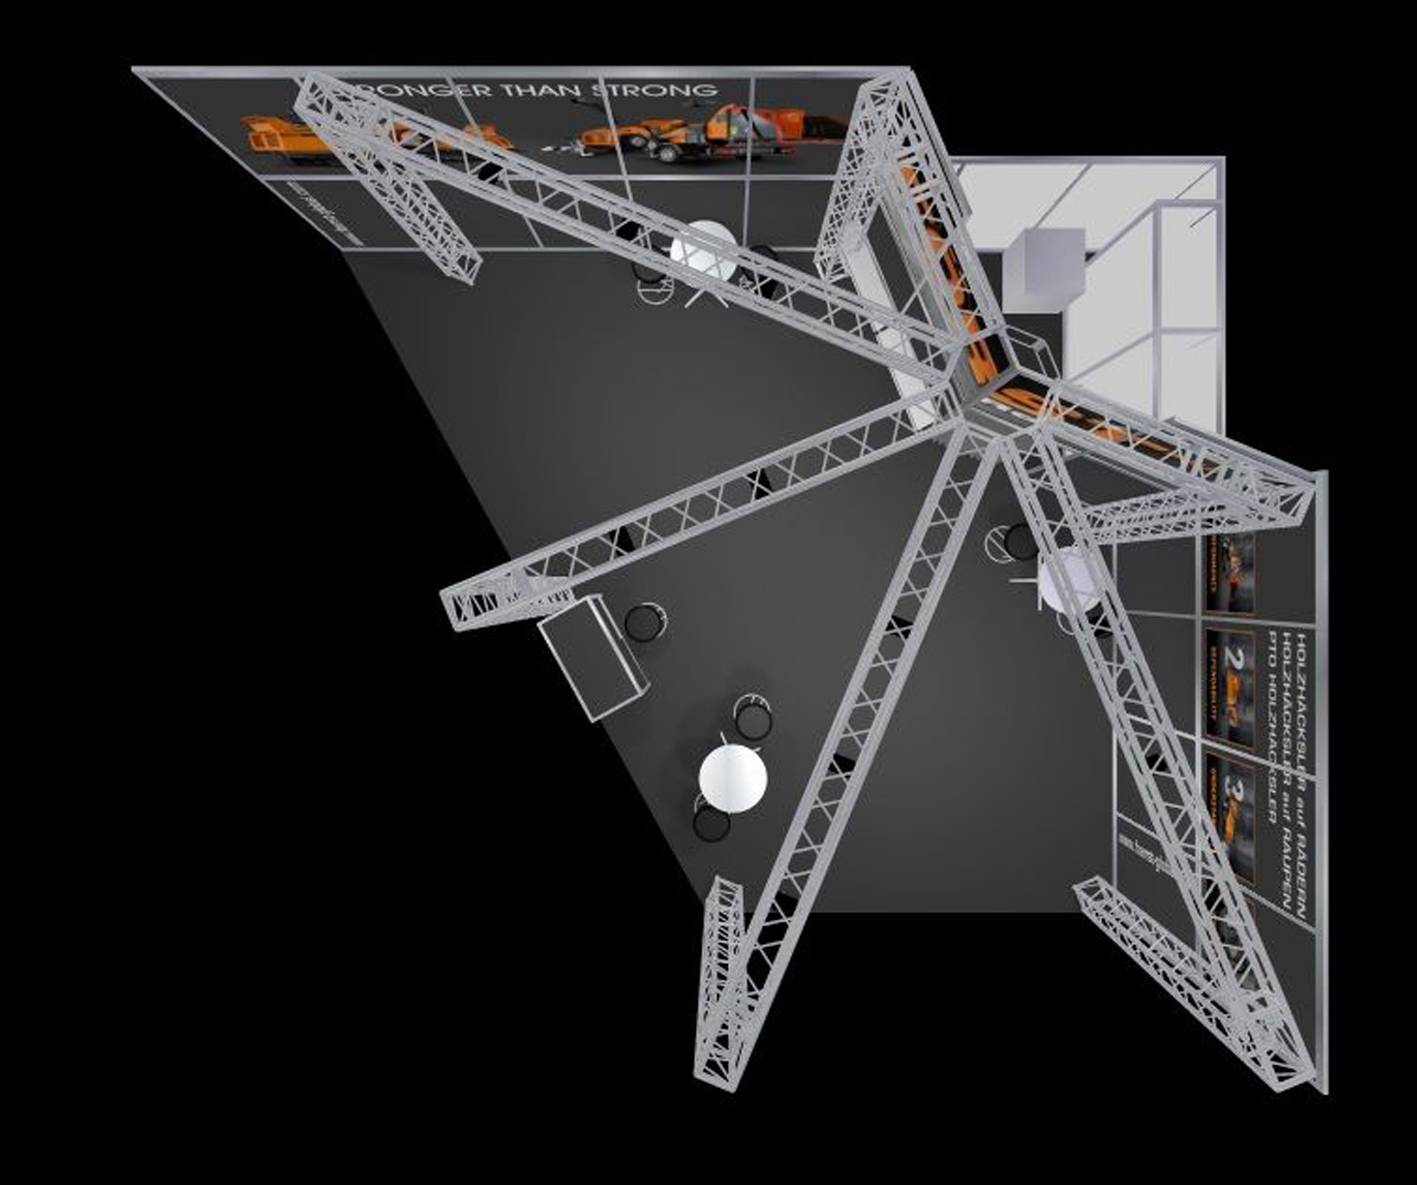 Produktpräsentation, eigenwillige Grundfläche, optimal gelöst, perfekte Beleuchtungsmöglichkeiten für Maschinen